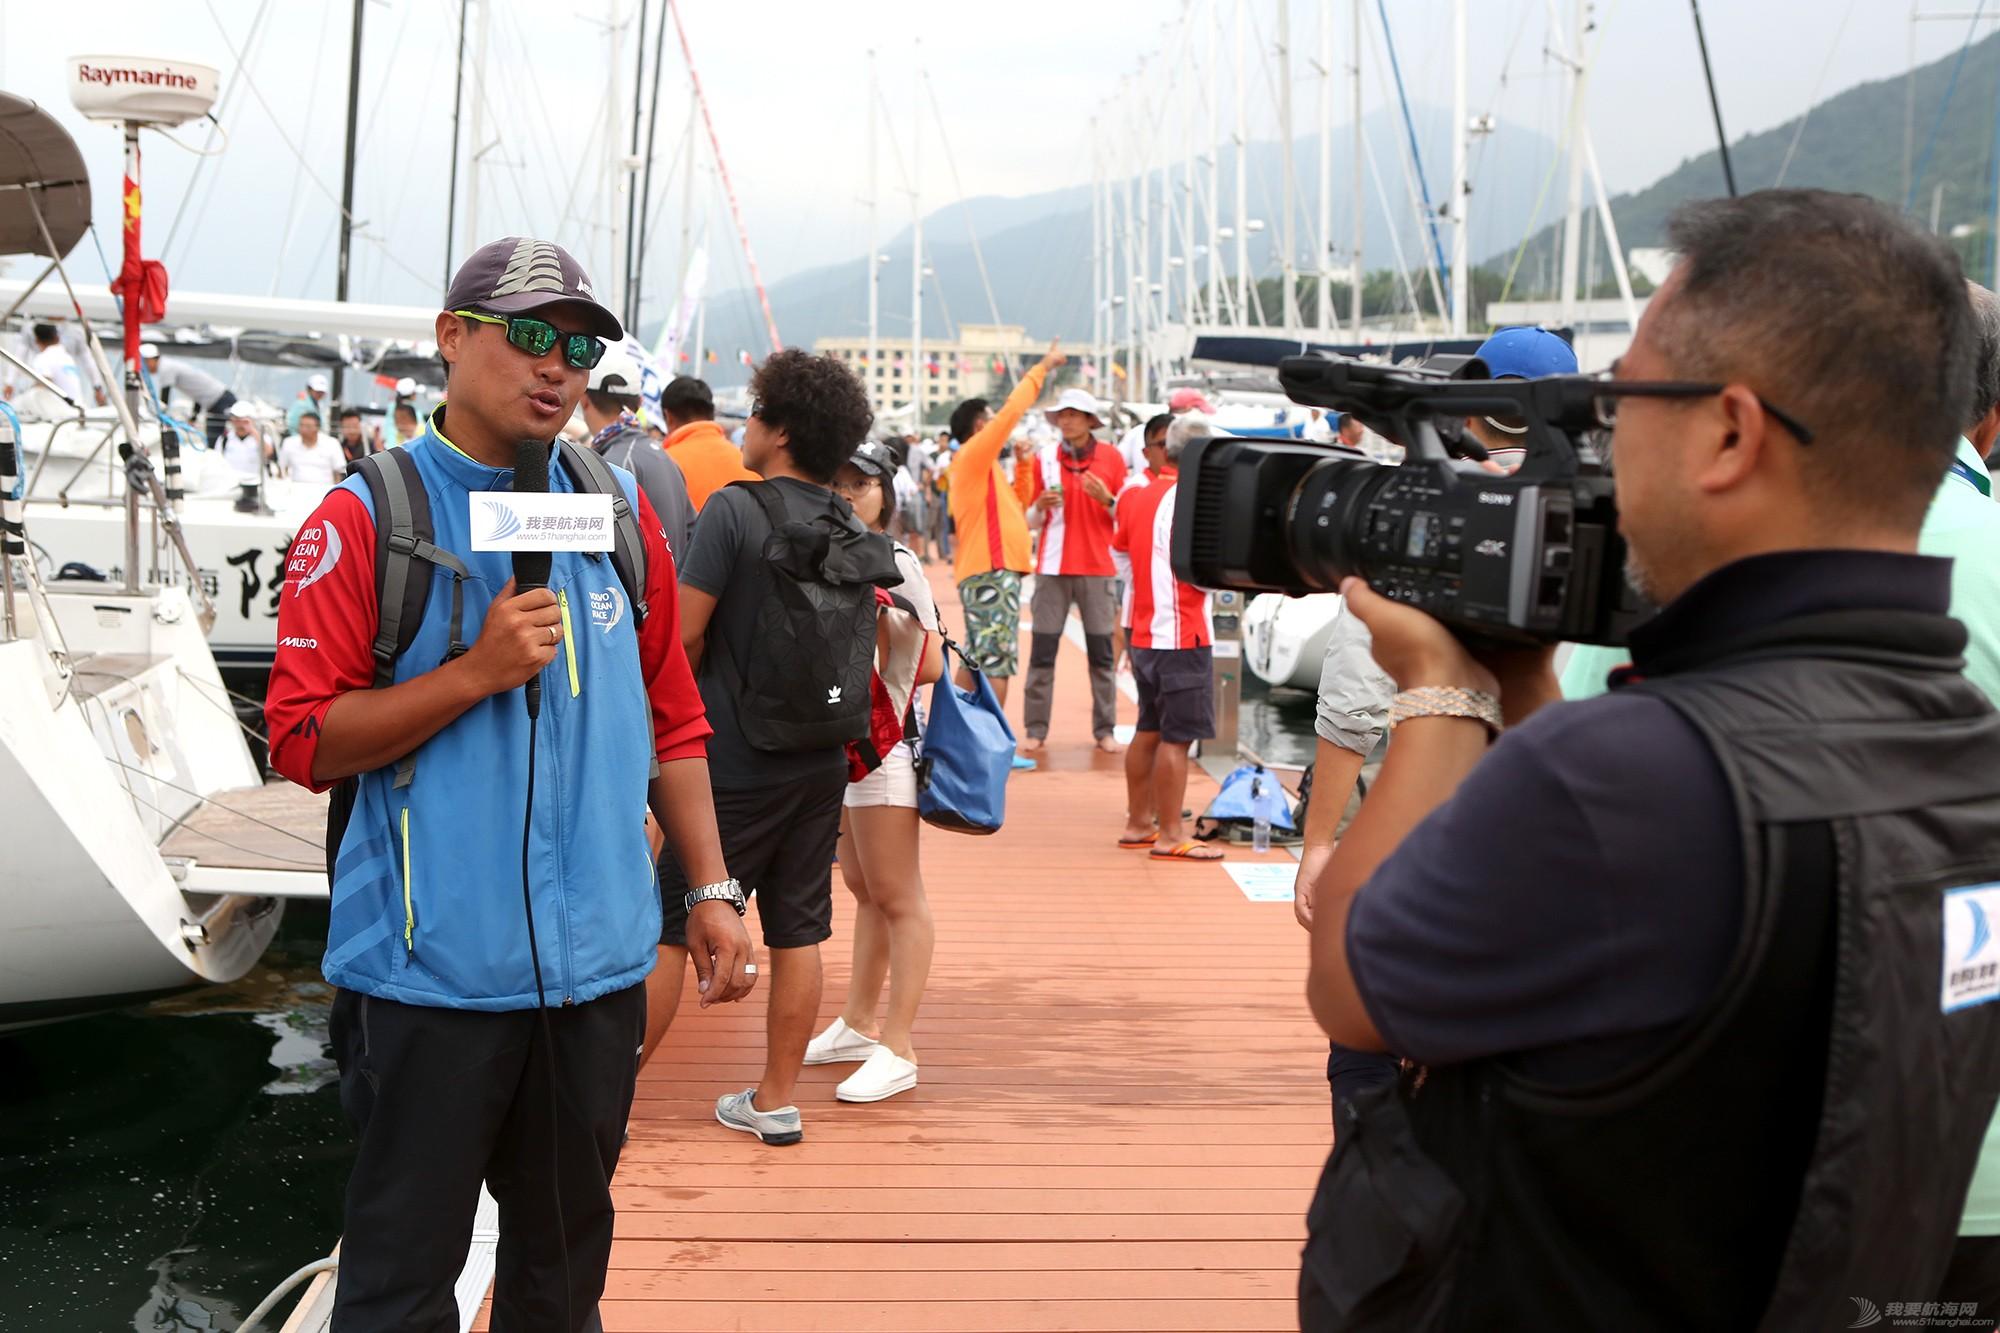 中国 我要航海网采访宋坤、徐京坤、翁少瑛等参加中国杯的船长、船员 (视频) 5V8A6607.JPG